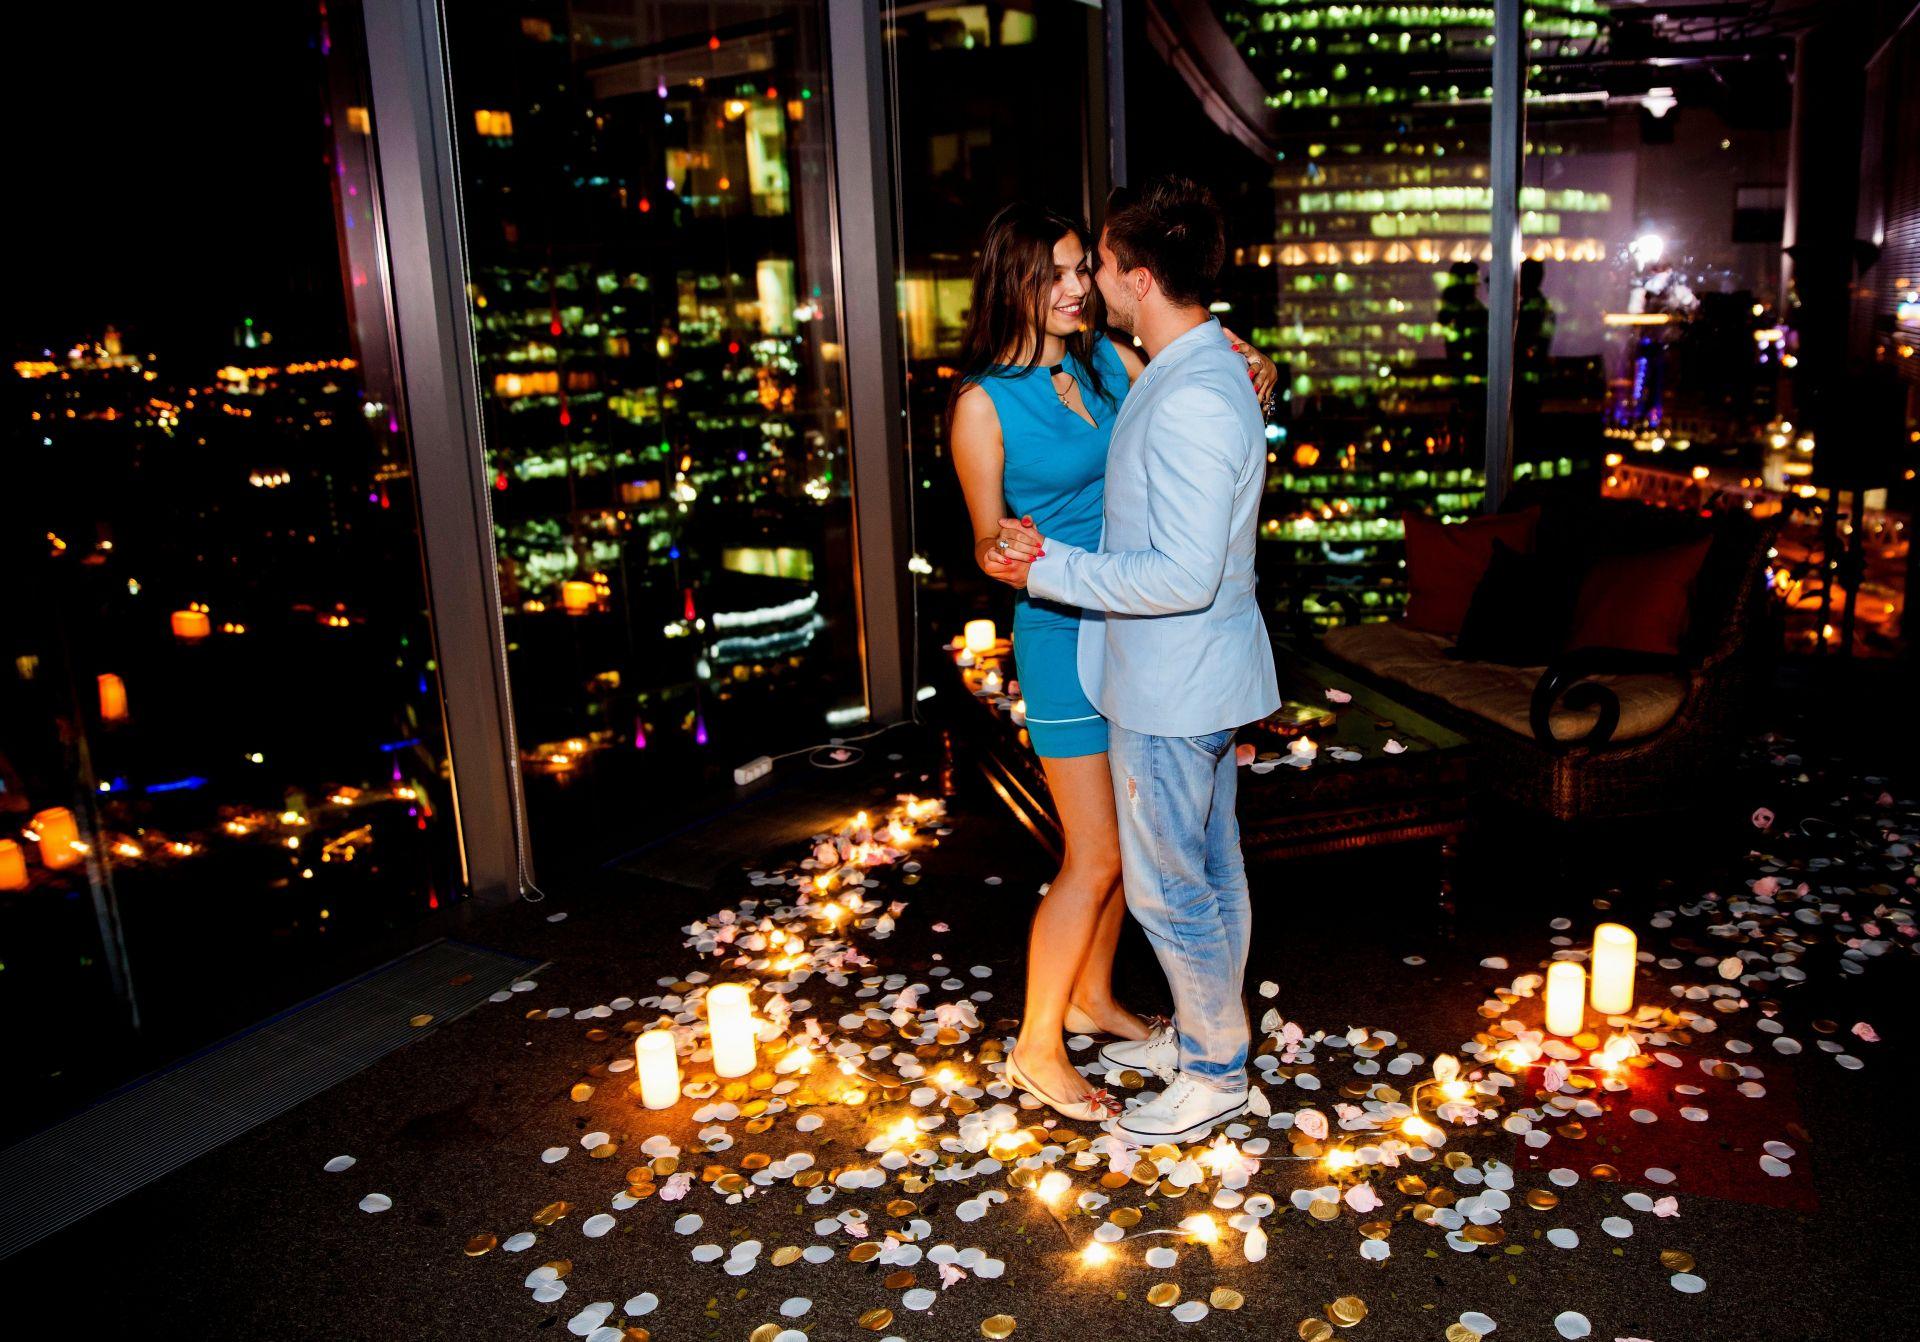 Организация самых романтических свиданий и предложений в Москве